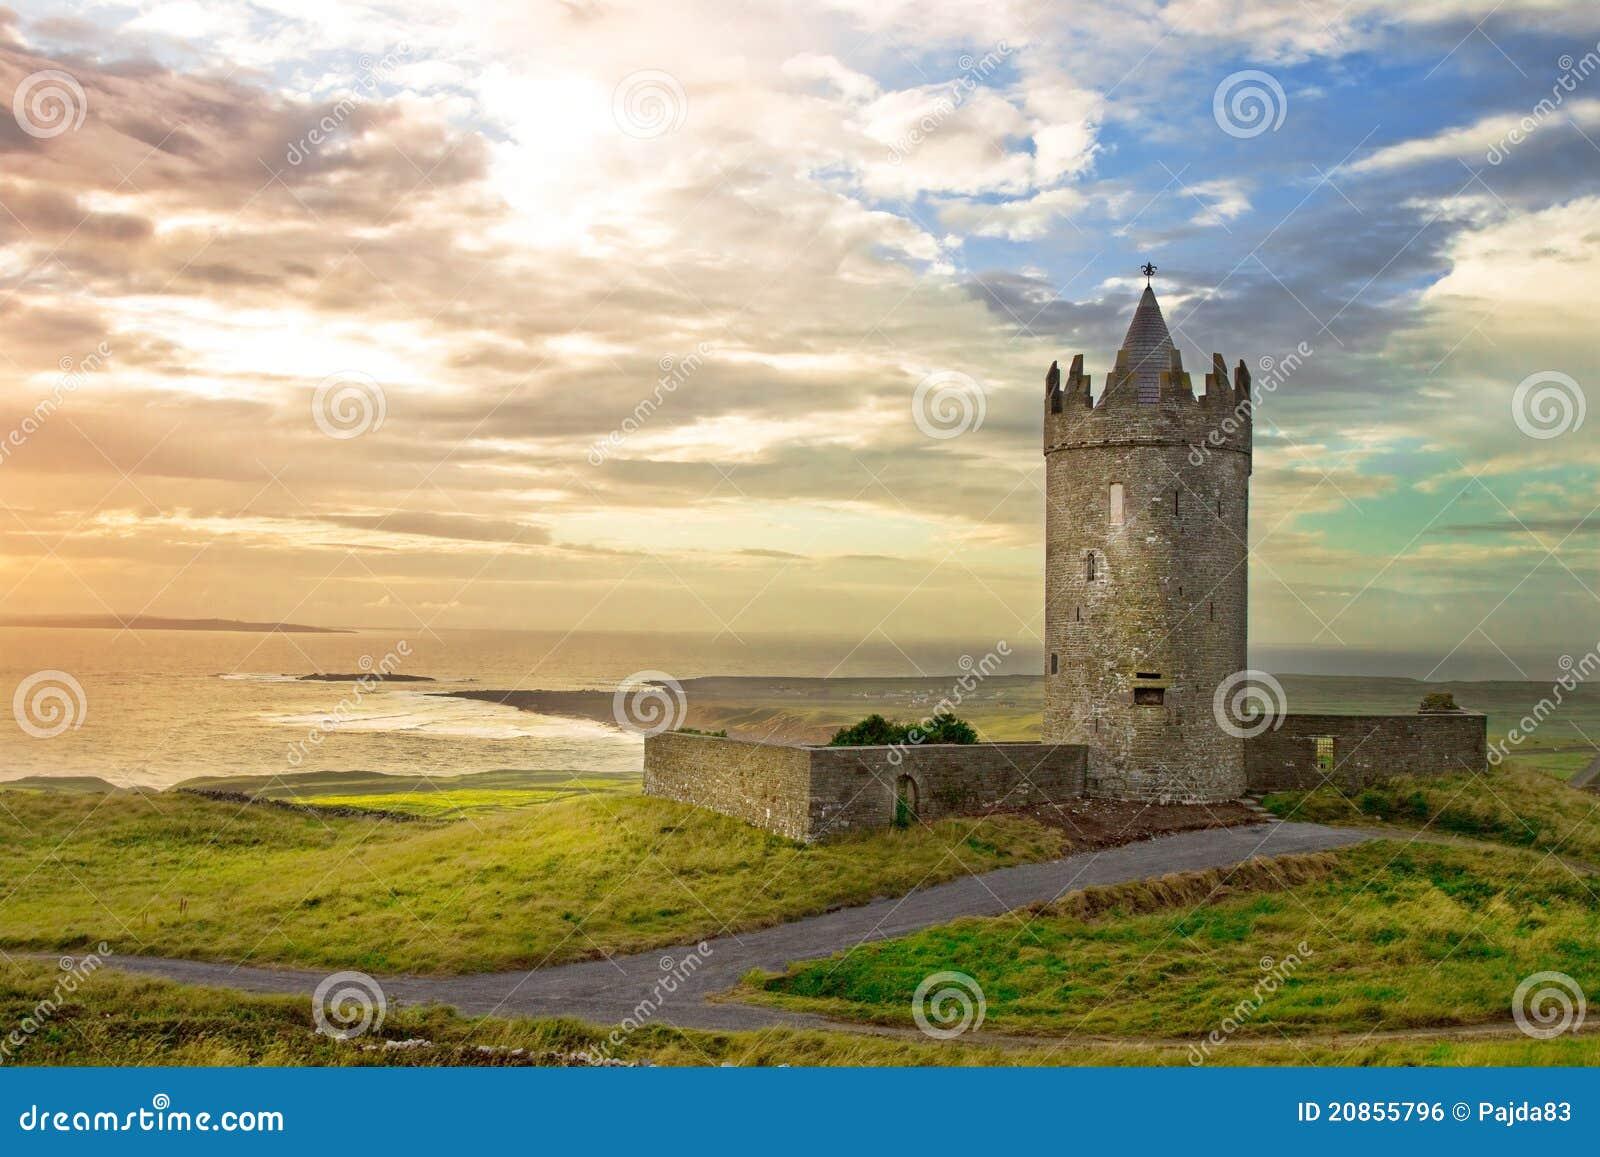 Château de Doonagore dans le beau paysage, Irlande